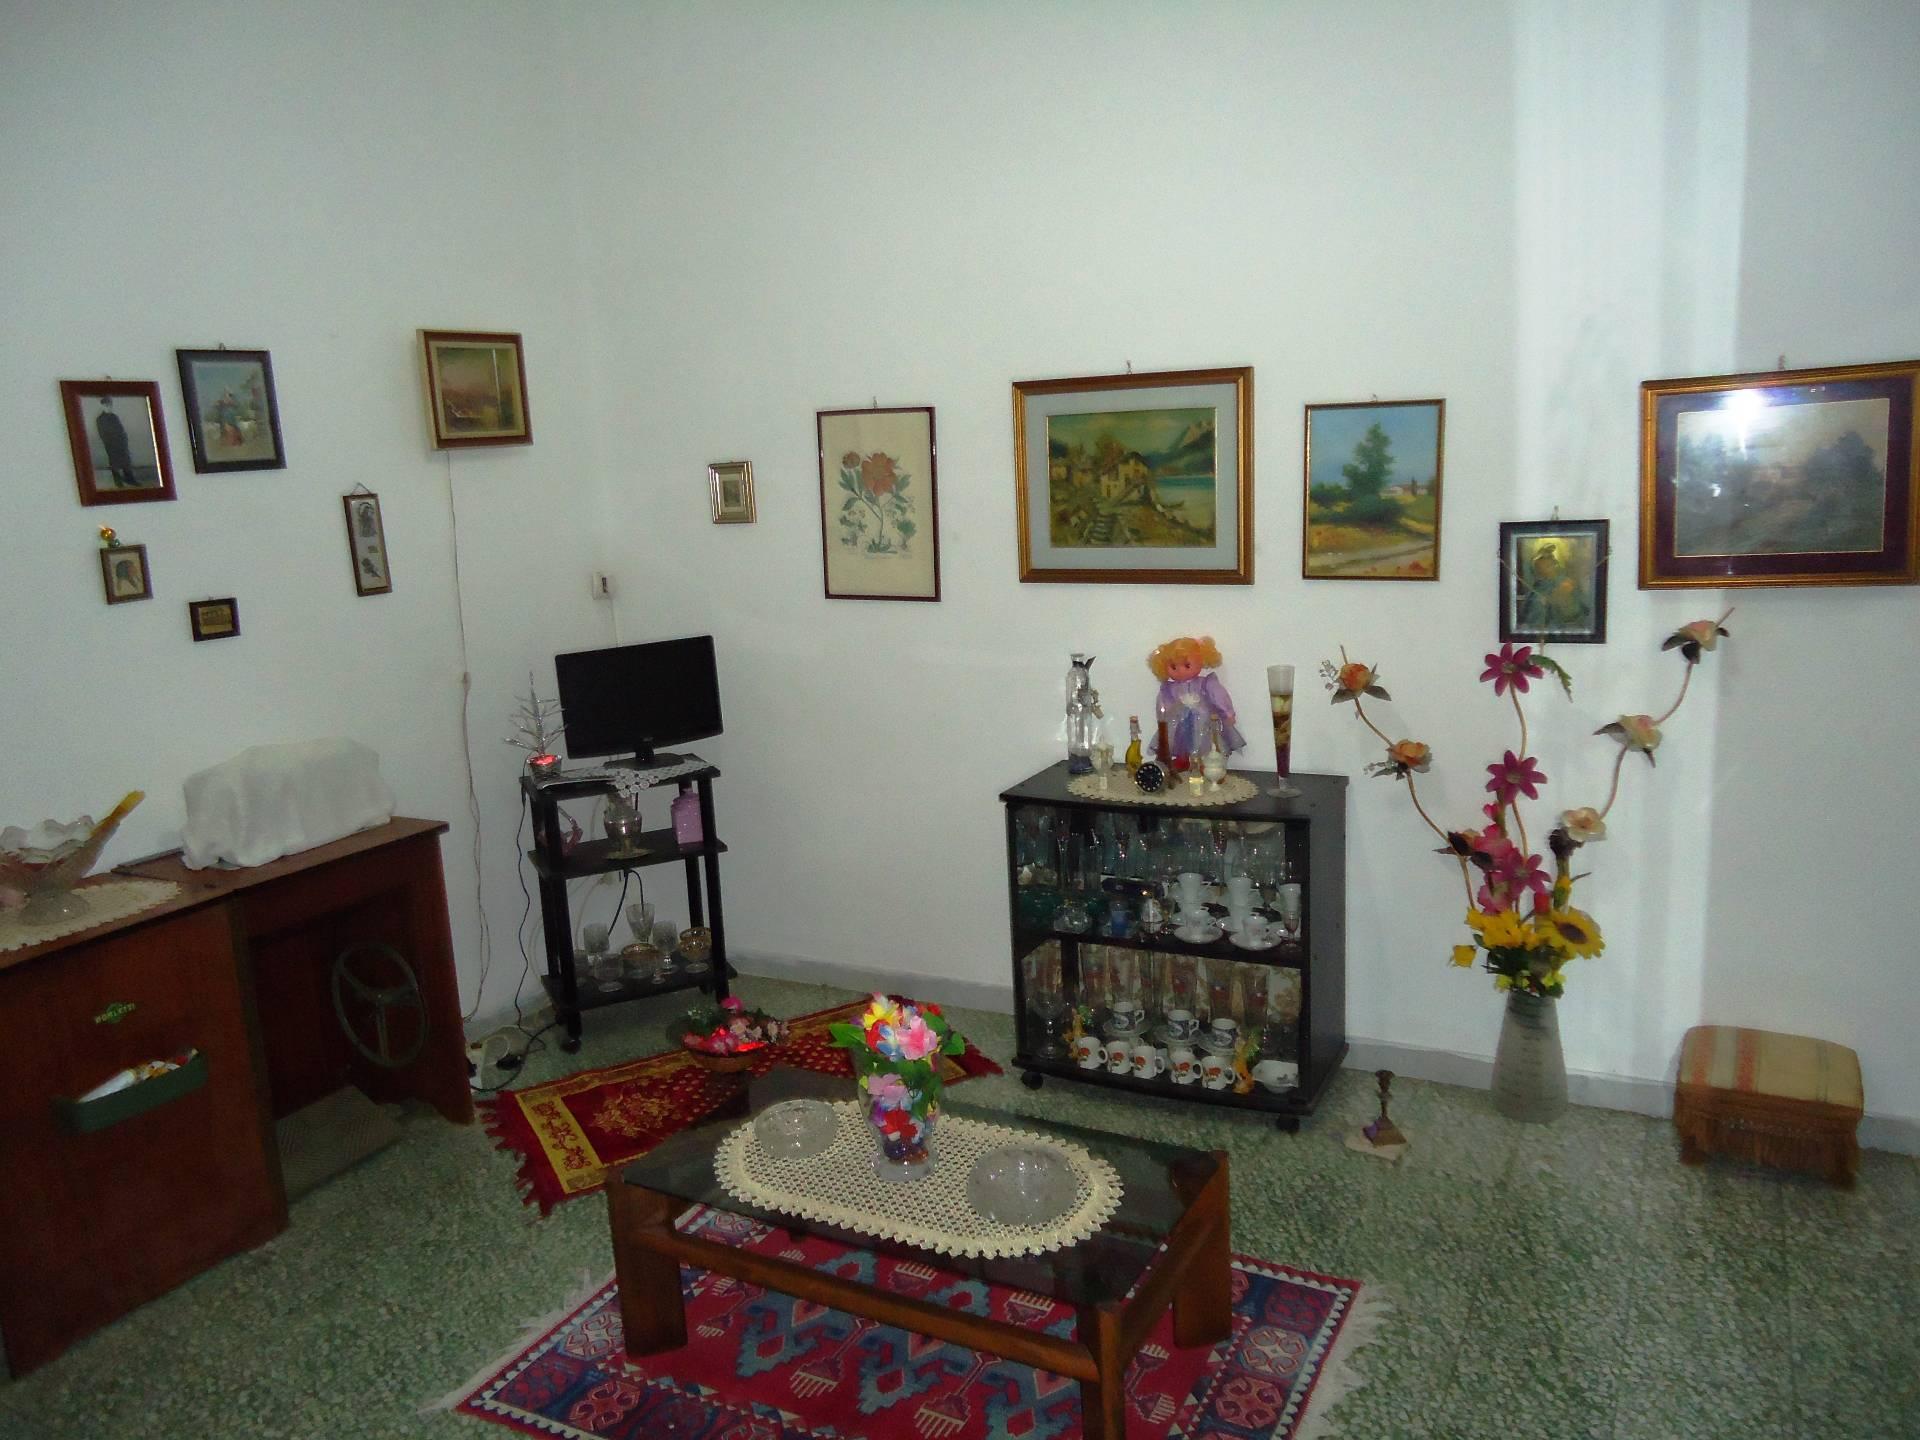 Appartamento in vendita a Lecce, 3 locali, zona a, prezzo € 50.000 | PortaleAgenzieImmobiliari.it